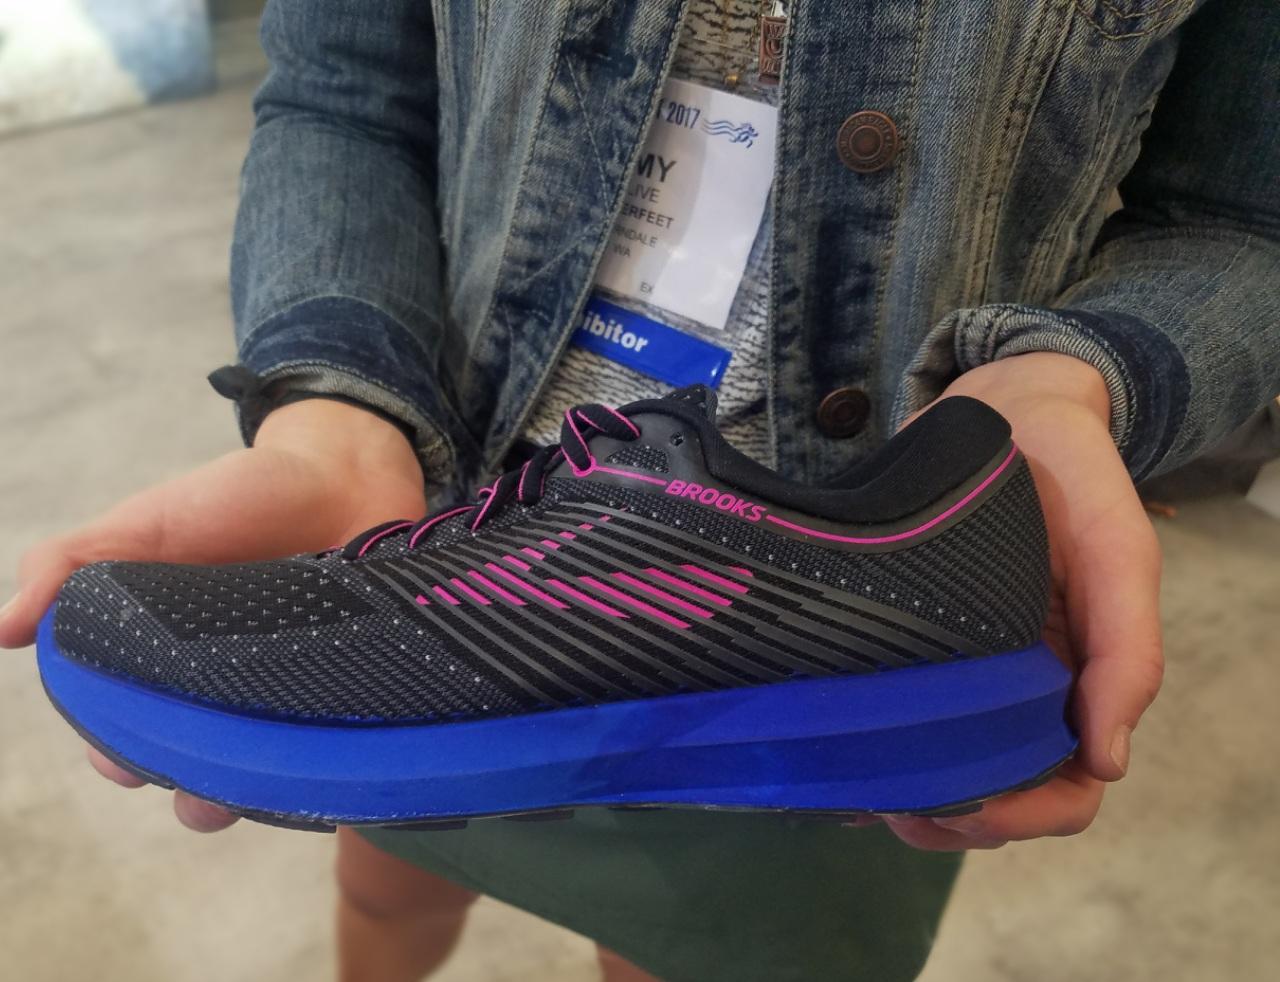 Brooks levitate custom running footwear 8